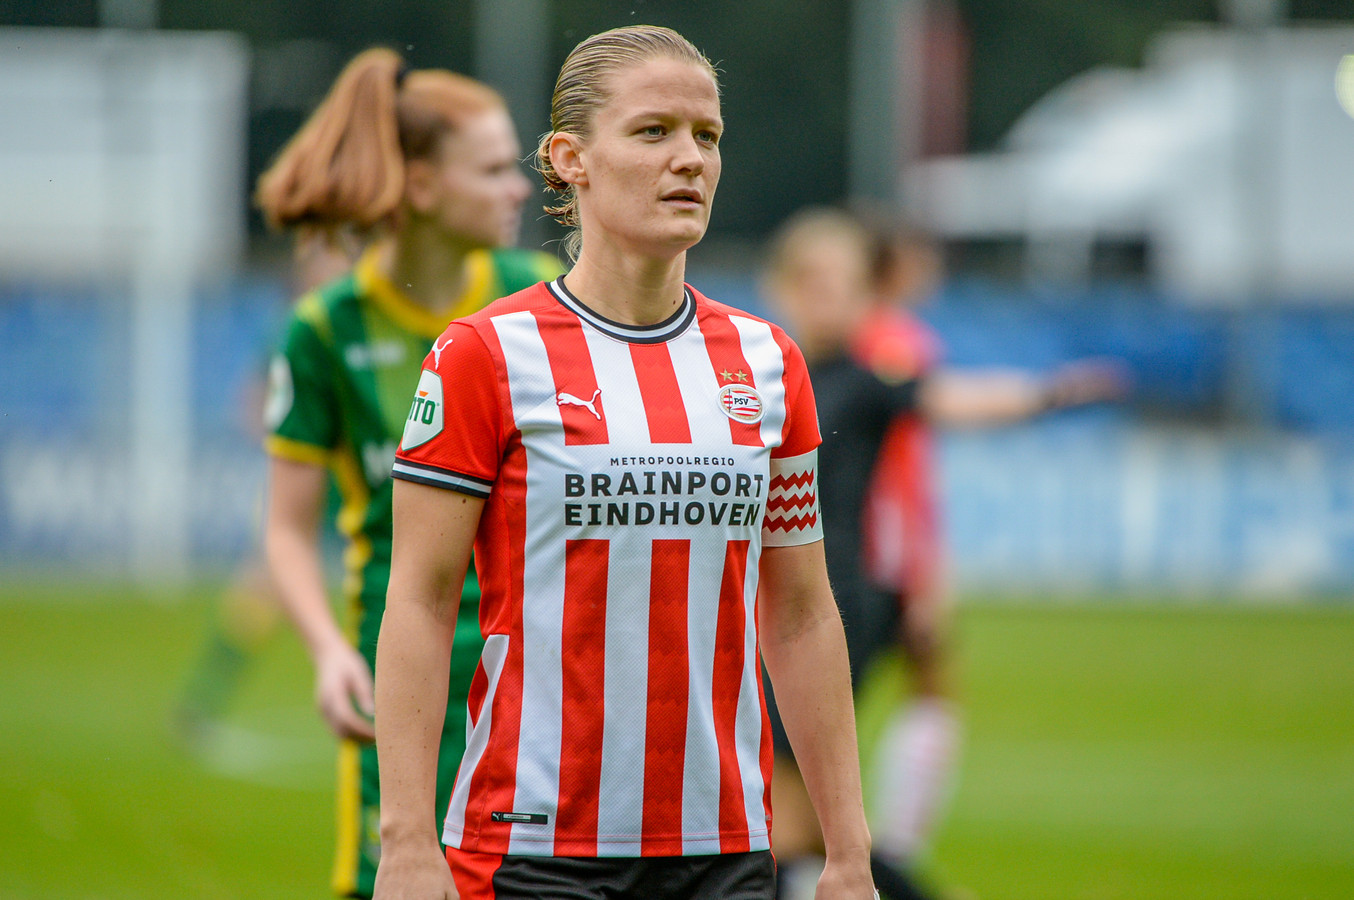 Mandy van den Berg eerder dit seizoen in actie toen ADO Den Haag in Eindhoven op bezoek ging bij PSV.